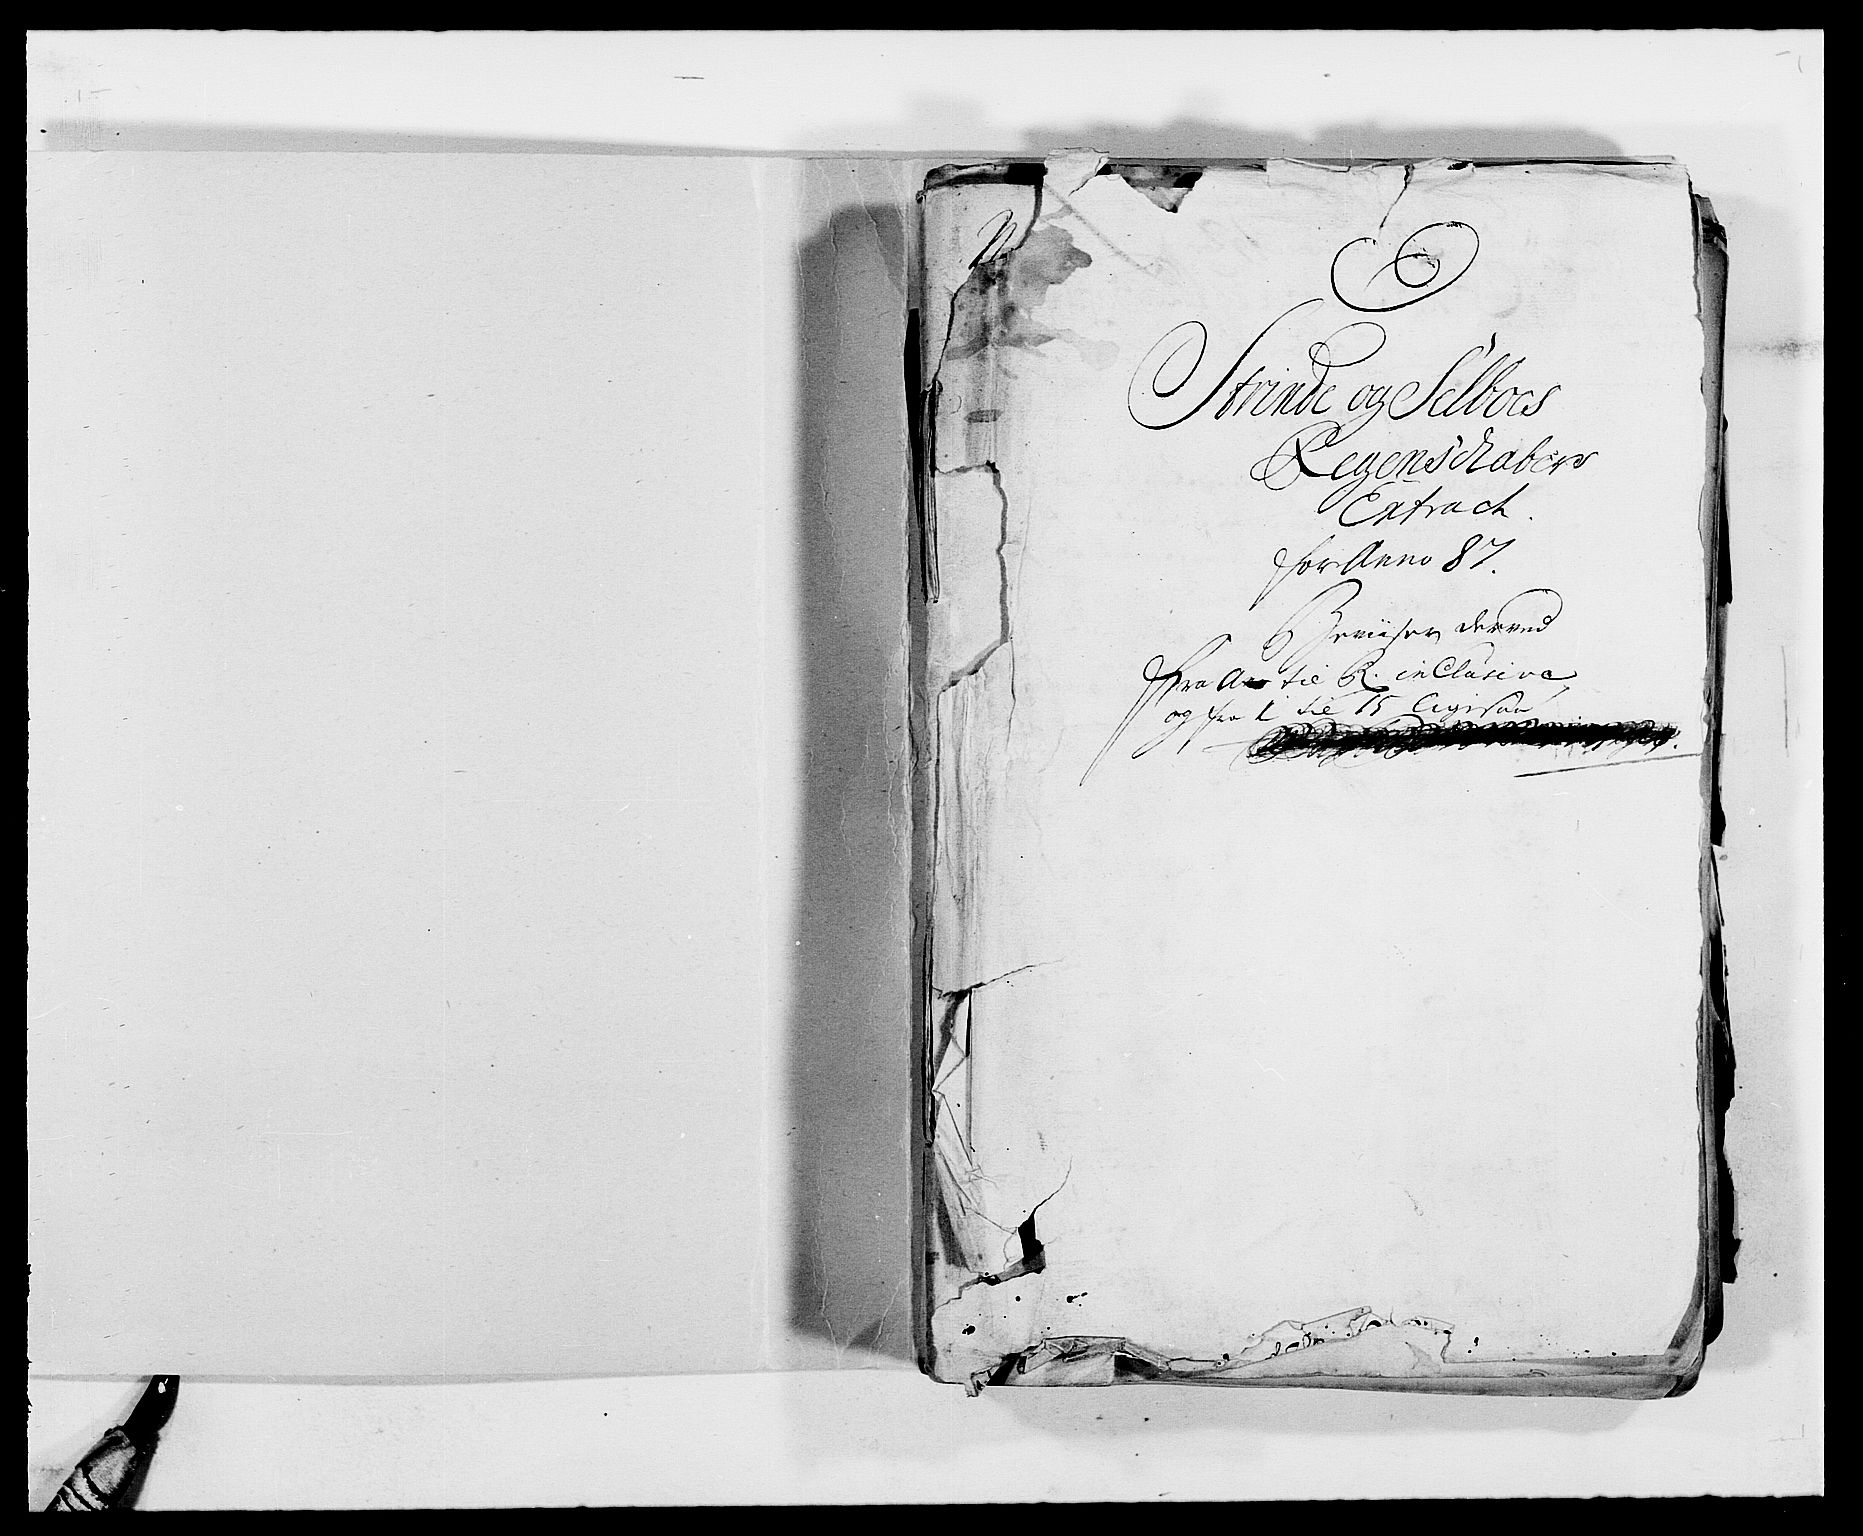 RA, Rentekammeret inntil 1814, Reviderte regnskaper, Fogderegnskap, R61/L4101: Fogderegnskap Strinda og Selbu, 1687-1688, s. 2